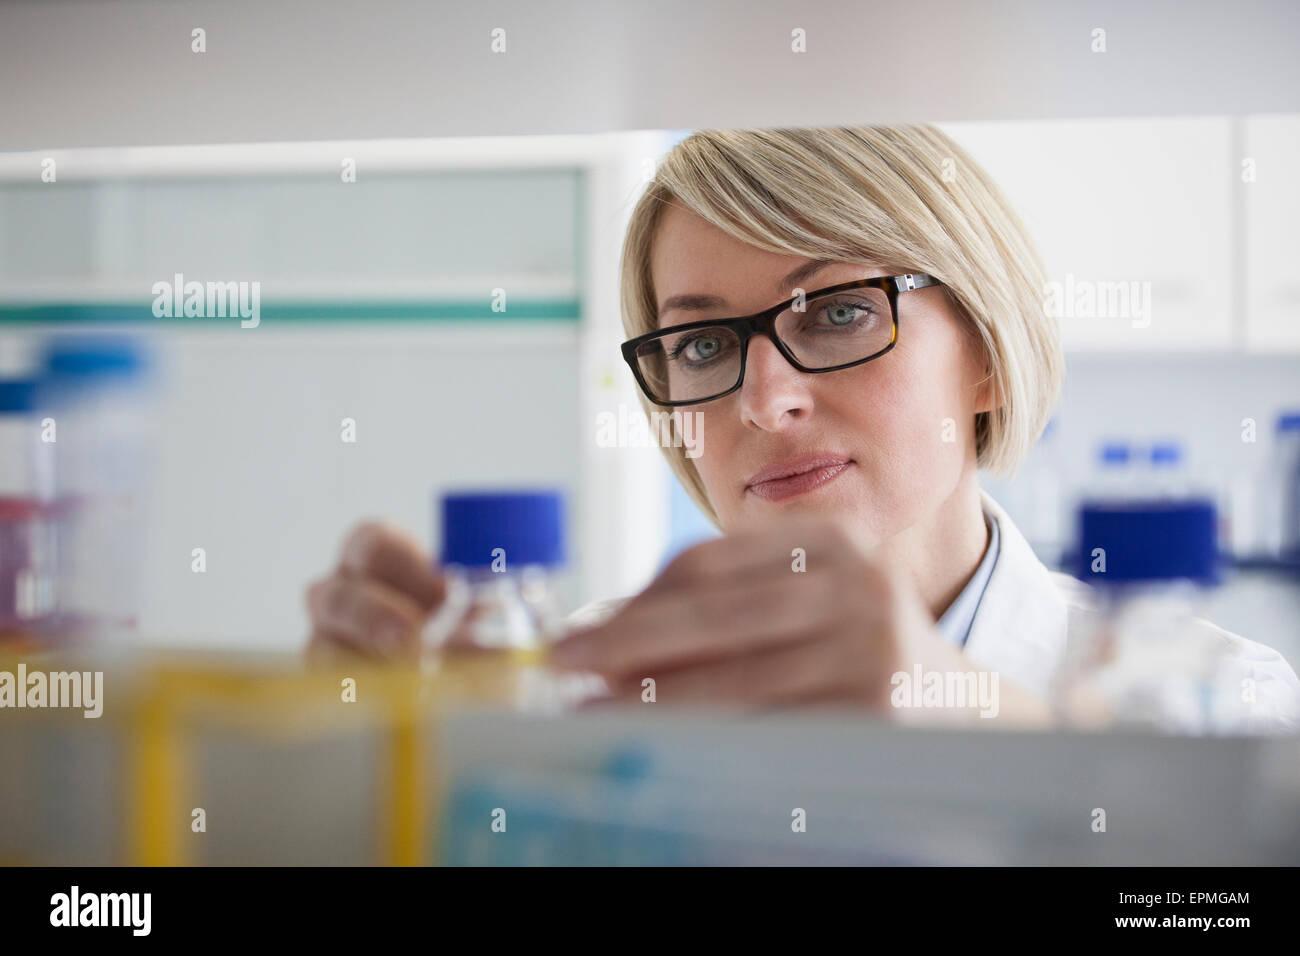 Scientist in laboratory Photo Stock